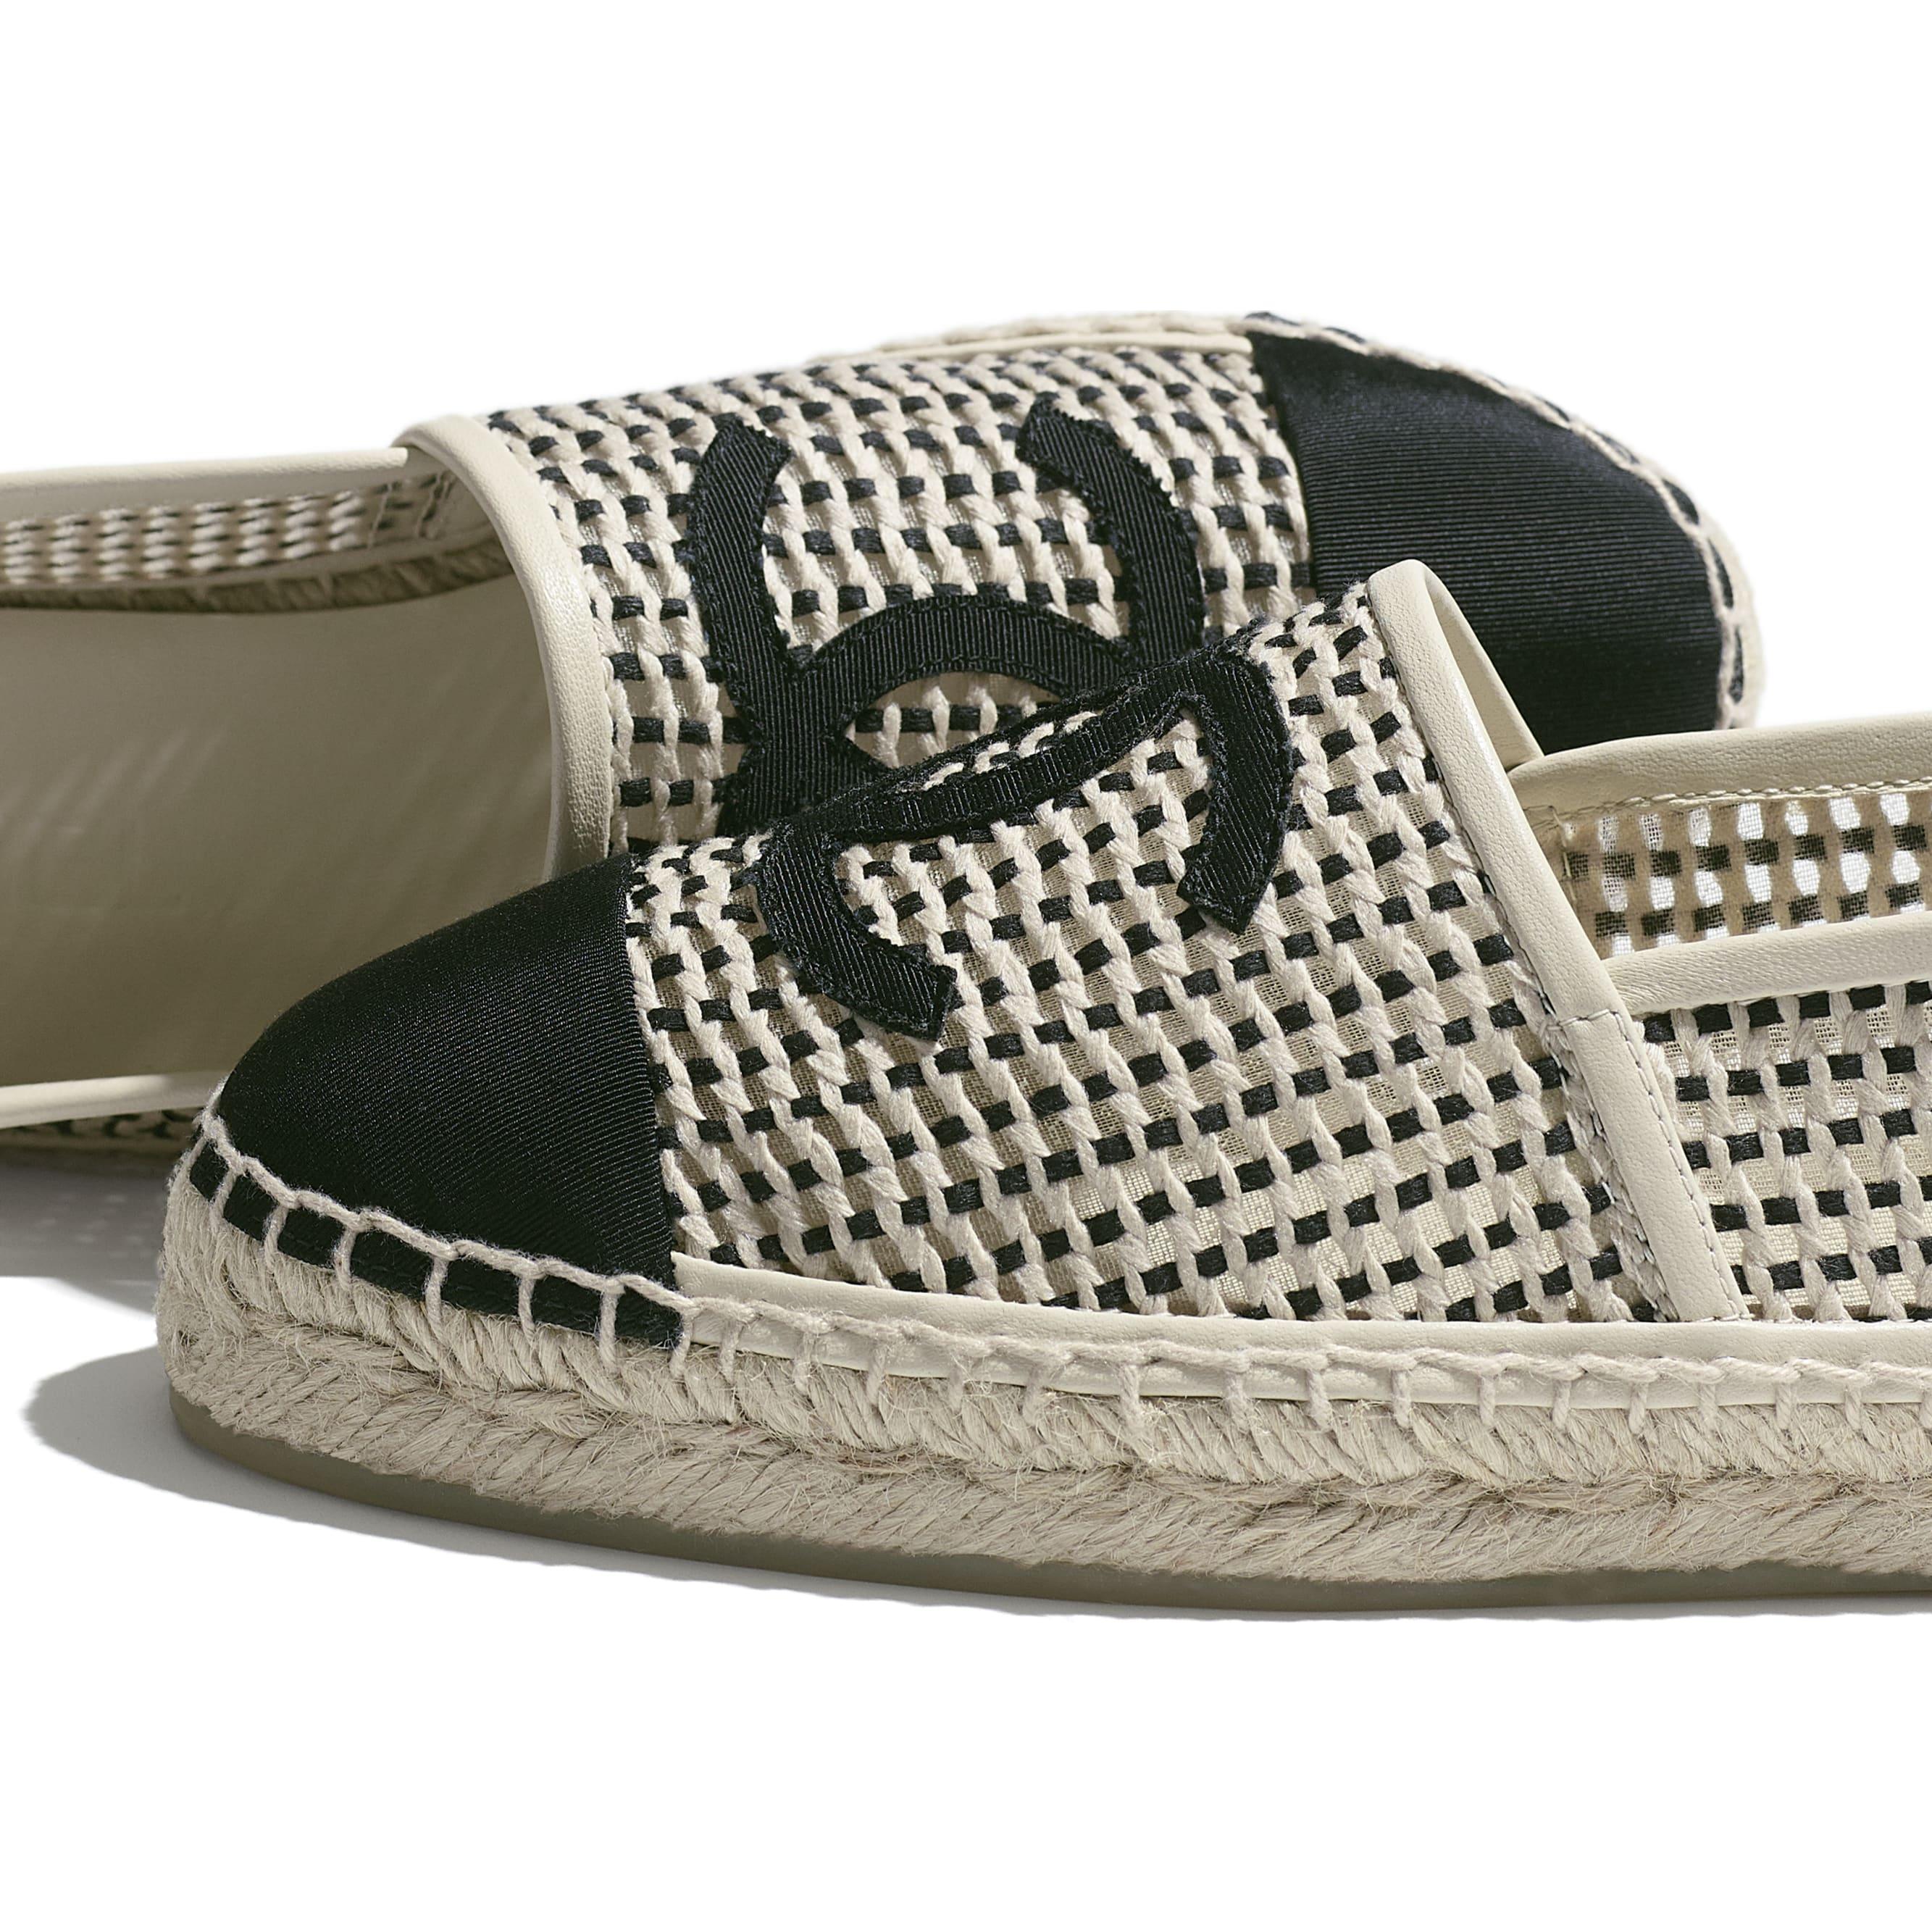 รองเท้าเอสพาดริลล์ - สีเบจและสีดำ - ผ้าตาข่ายและผ้าโกรเกรน - CHANEL - มุมมองพิเศษ - ดูเวอร์ชันขนาดมาตรฐาน